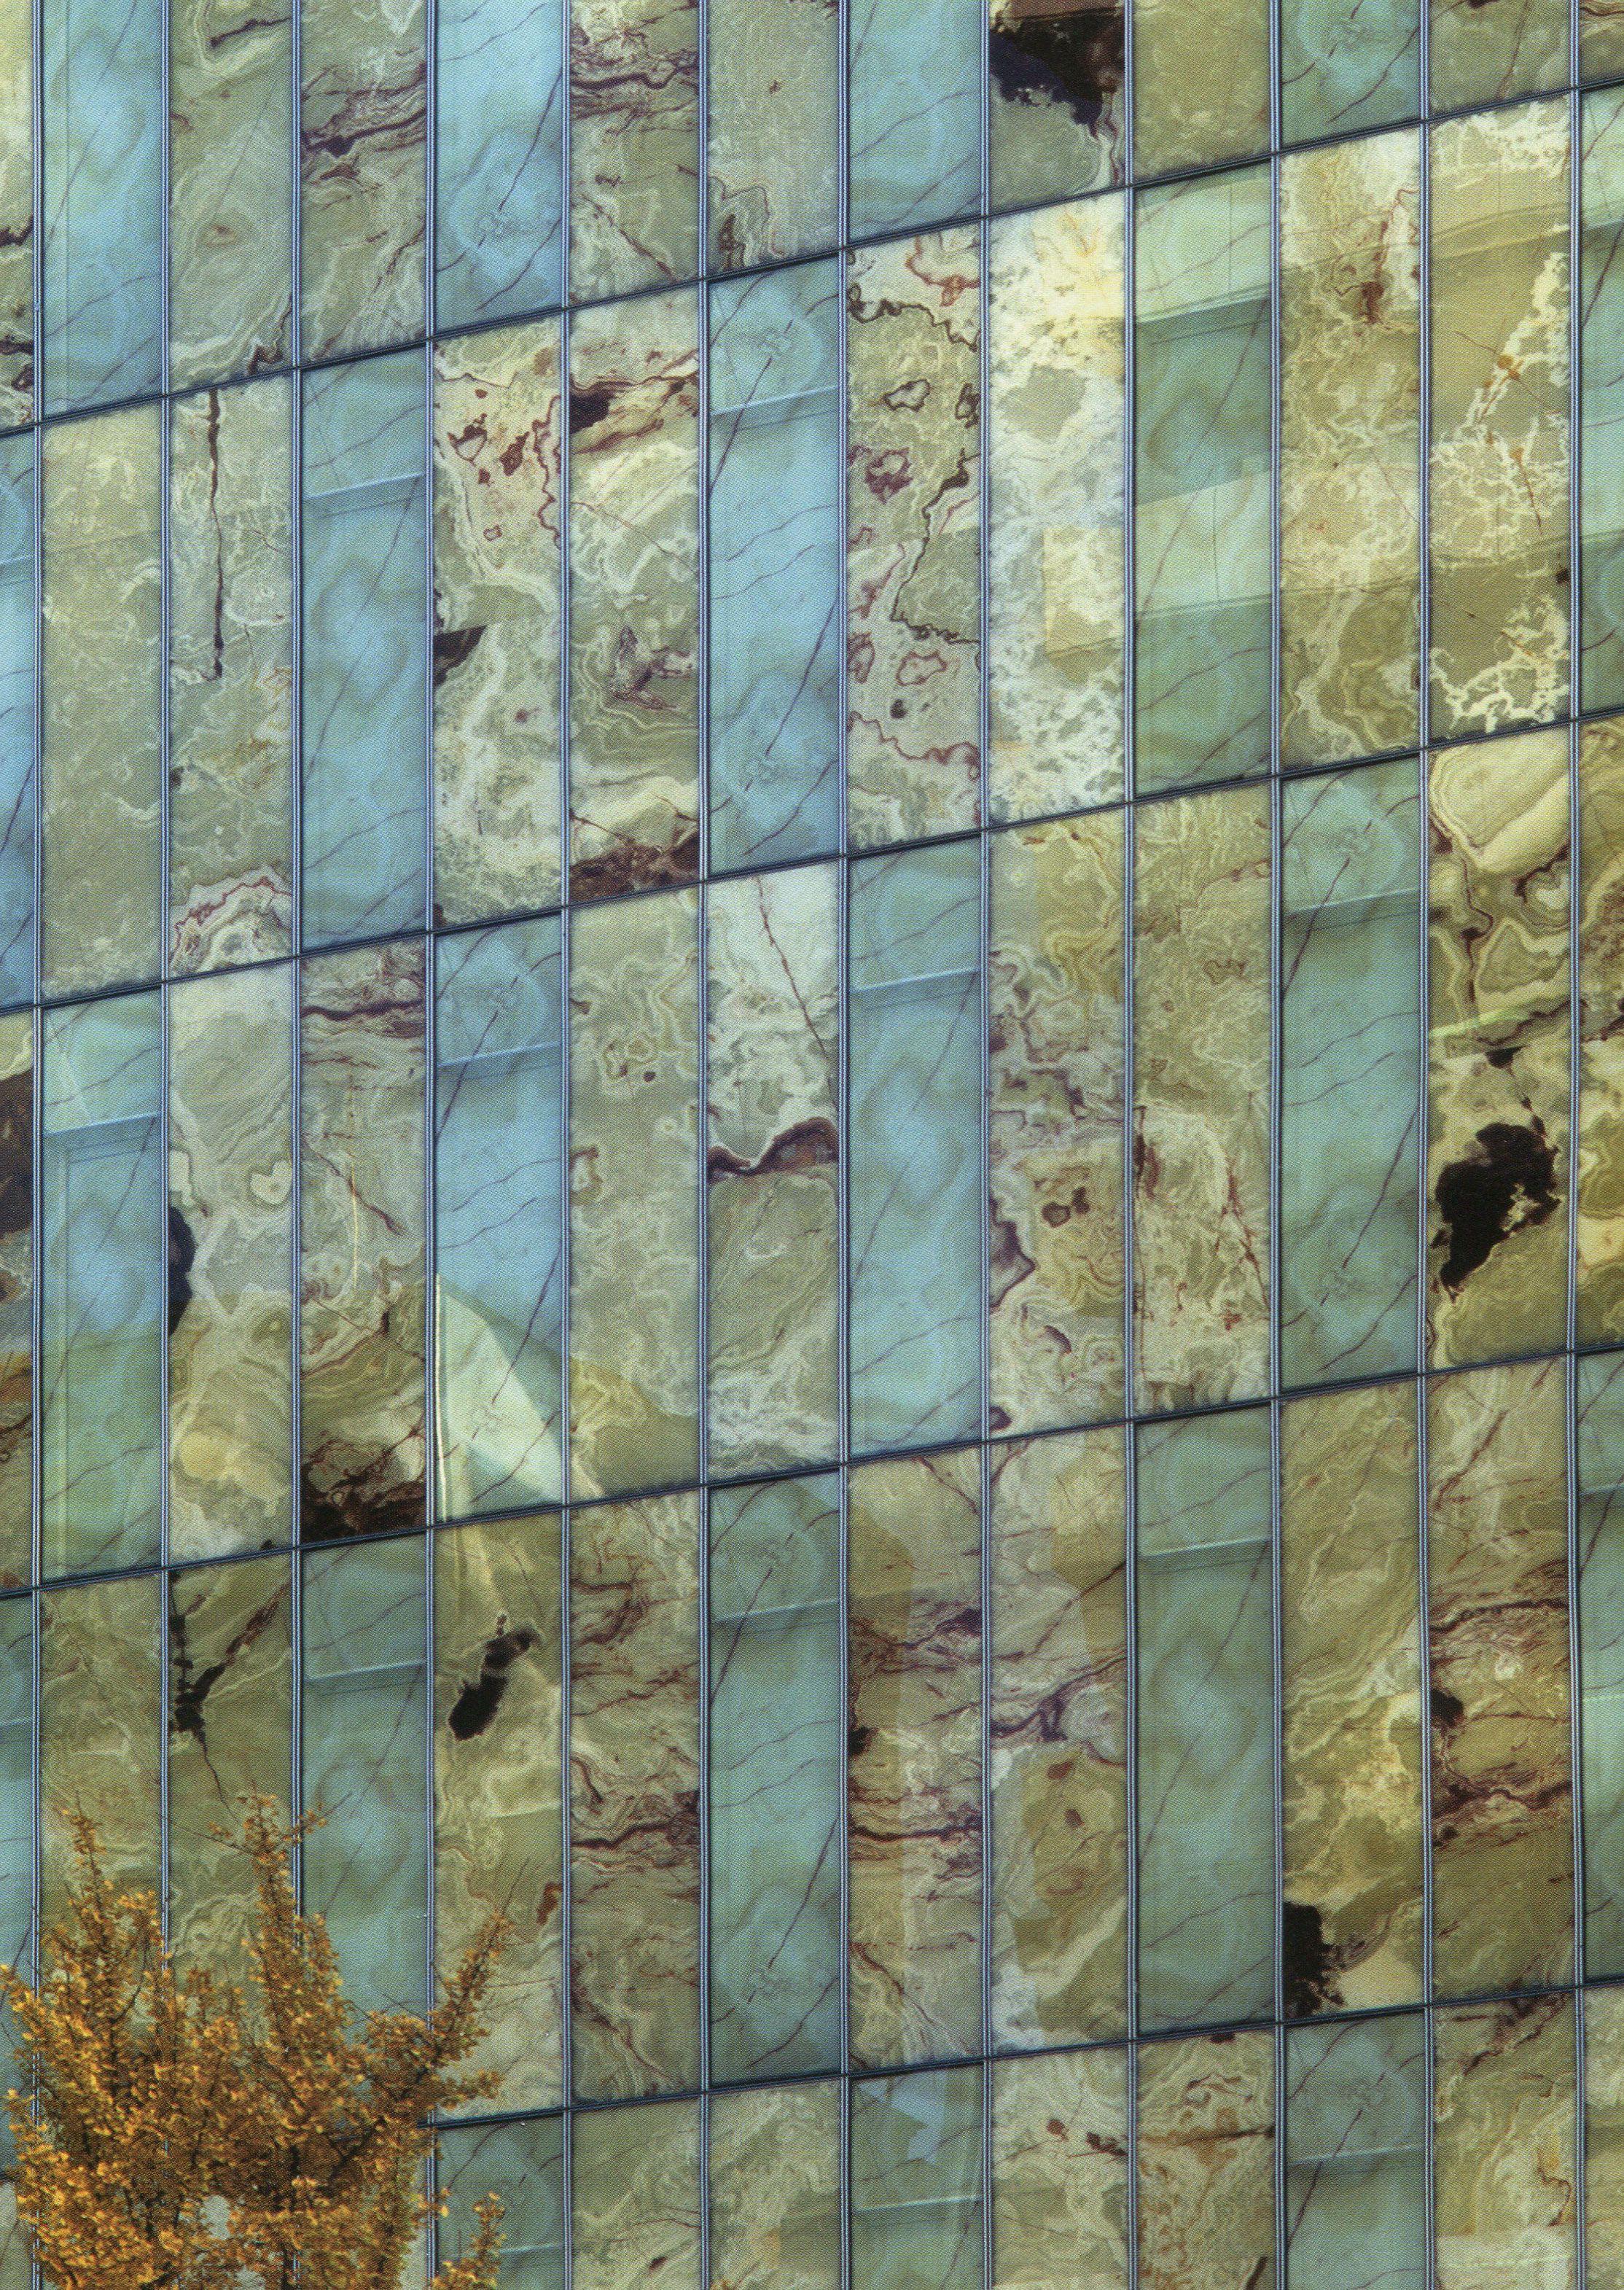 Kengo Kuma - Stone facade | facade- patterns | Pinterest | Facades ...